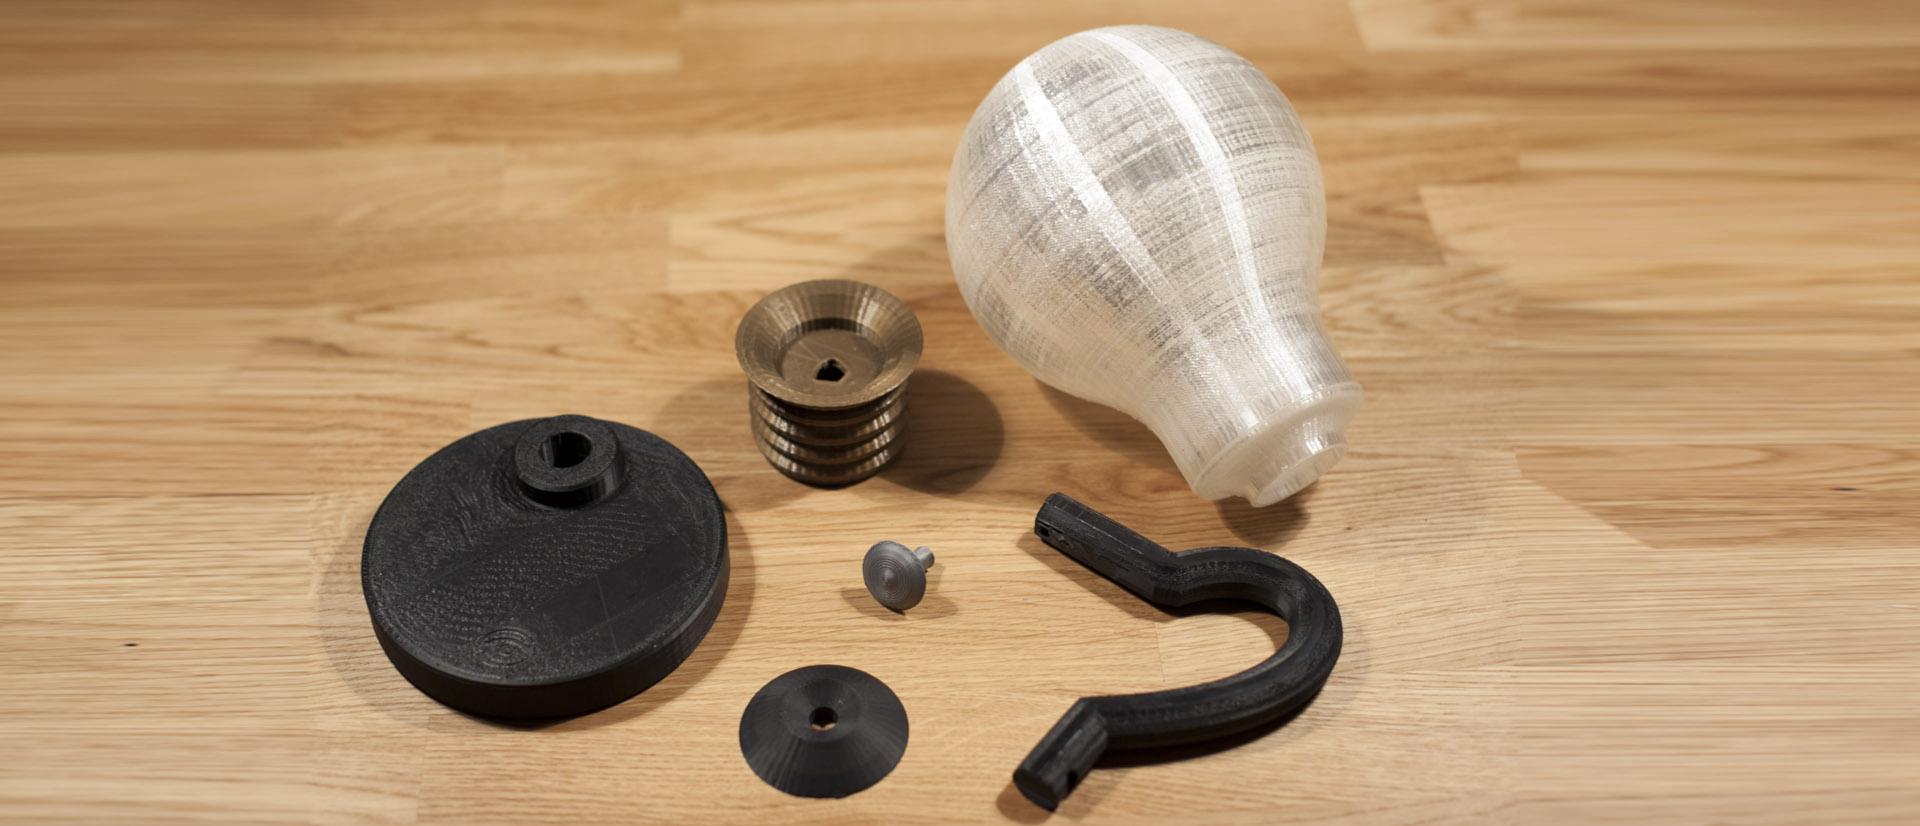 Justpressprint 3d printed Bulb Light parts